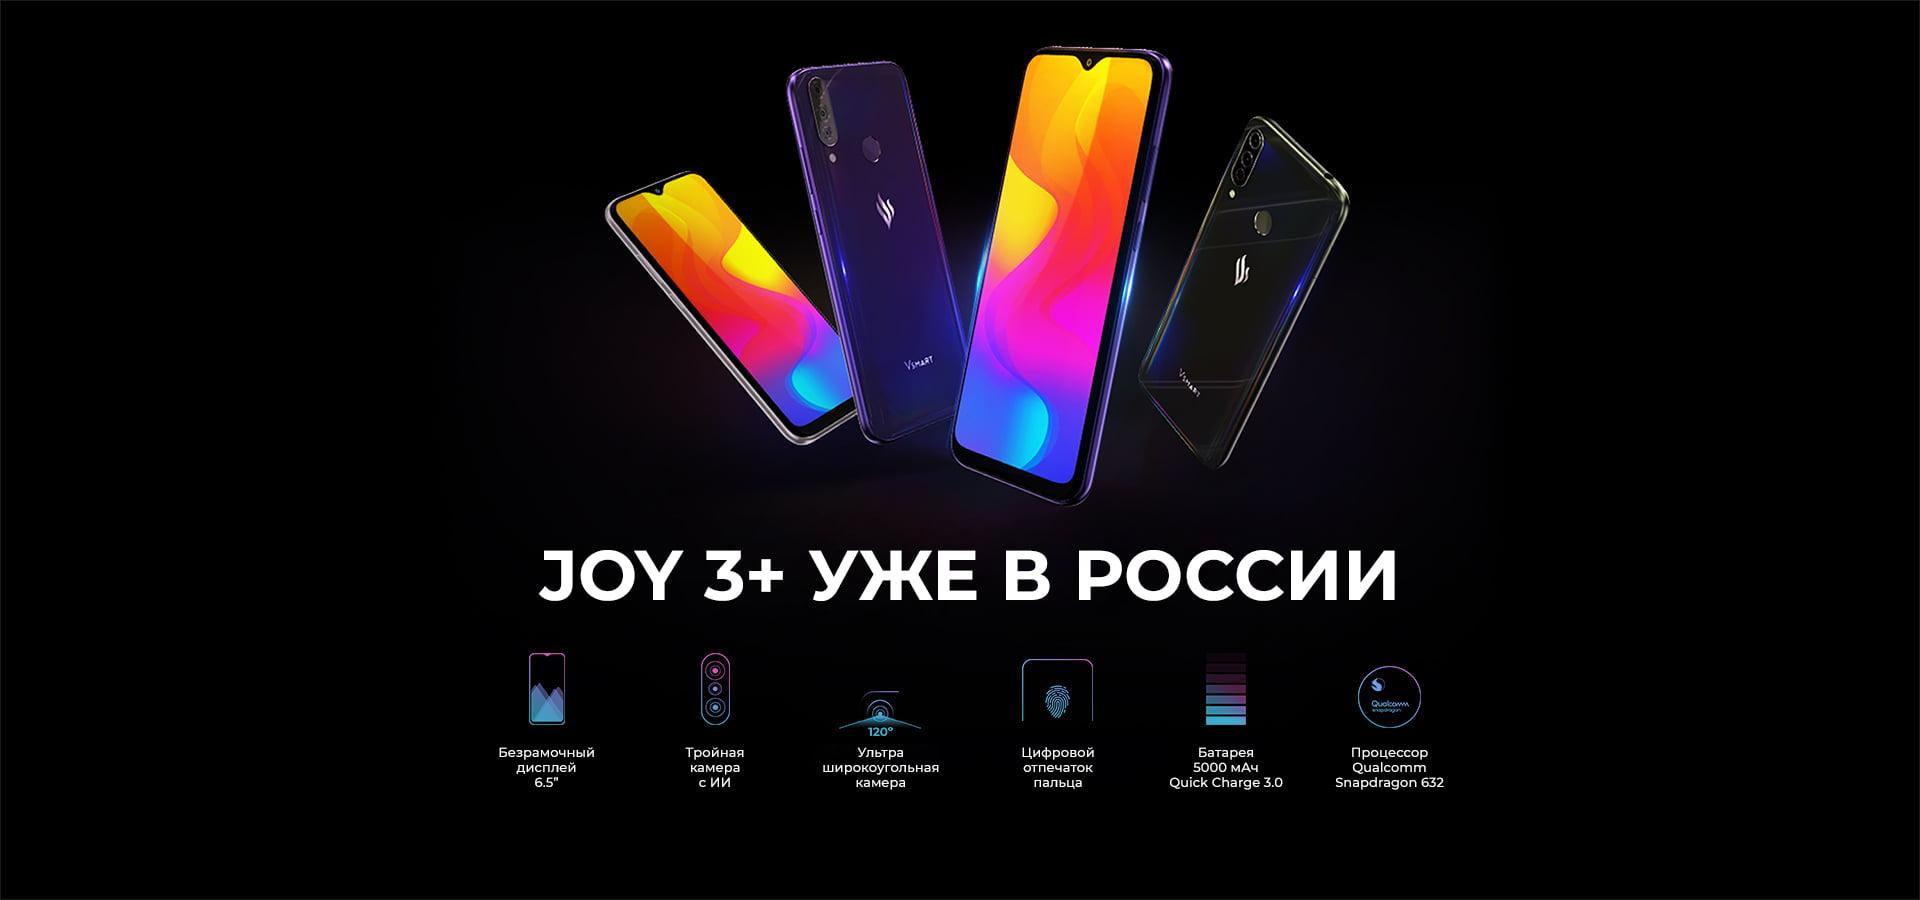 joy-banner-ru.jpg